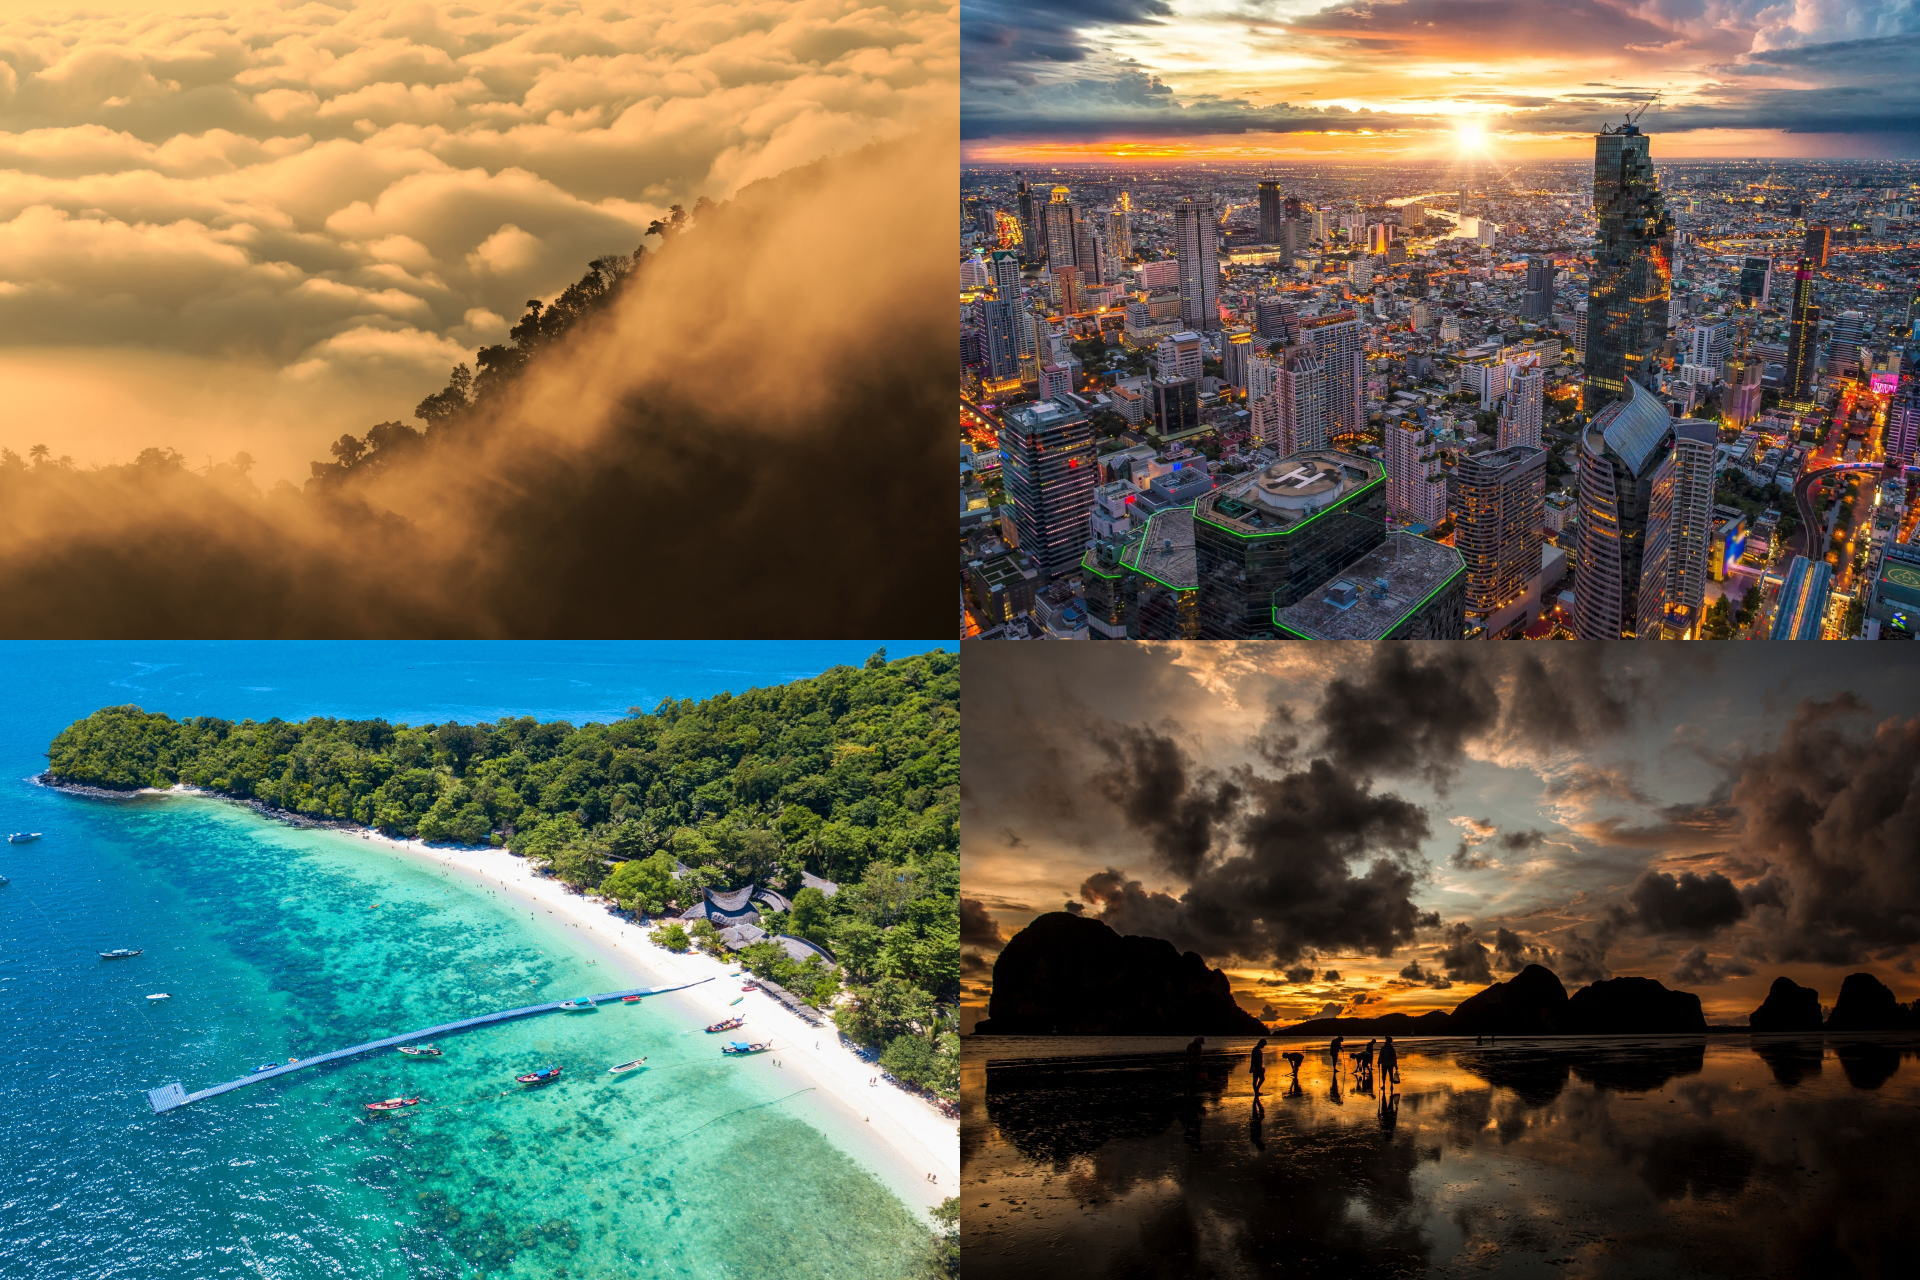 タイの美しい風景25選